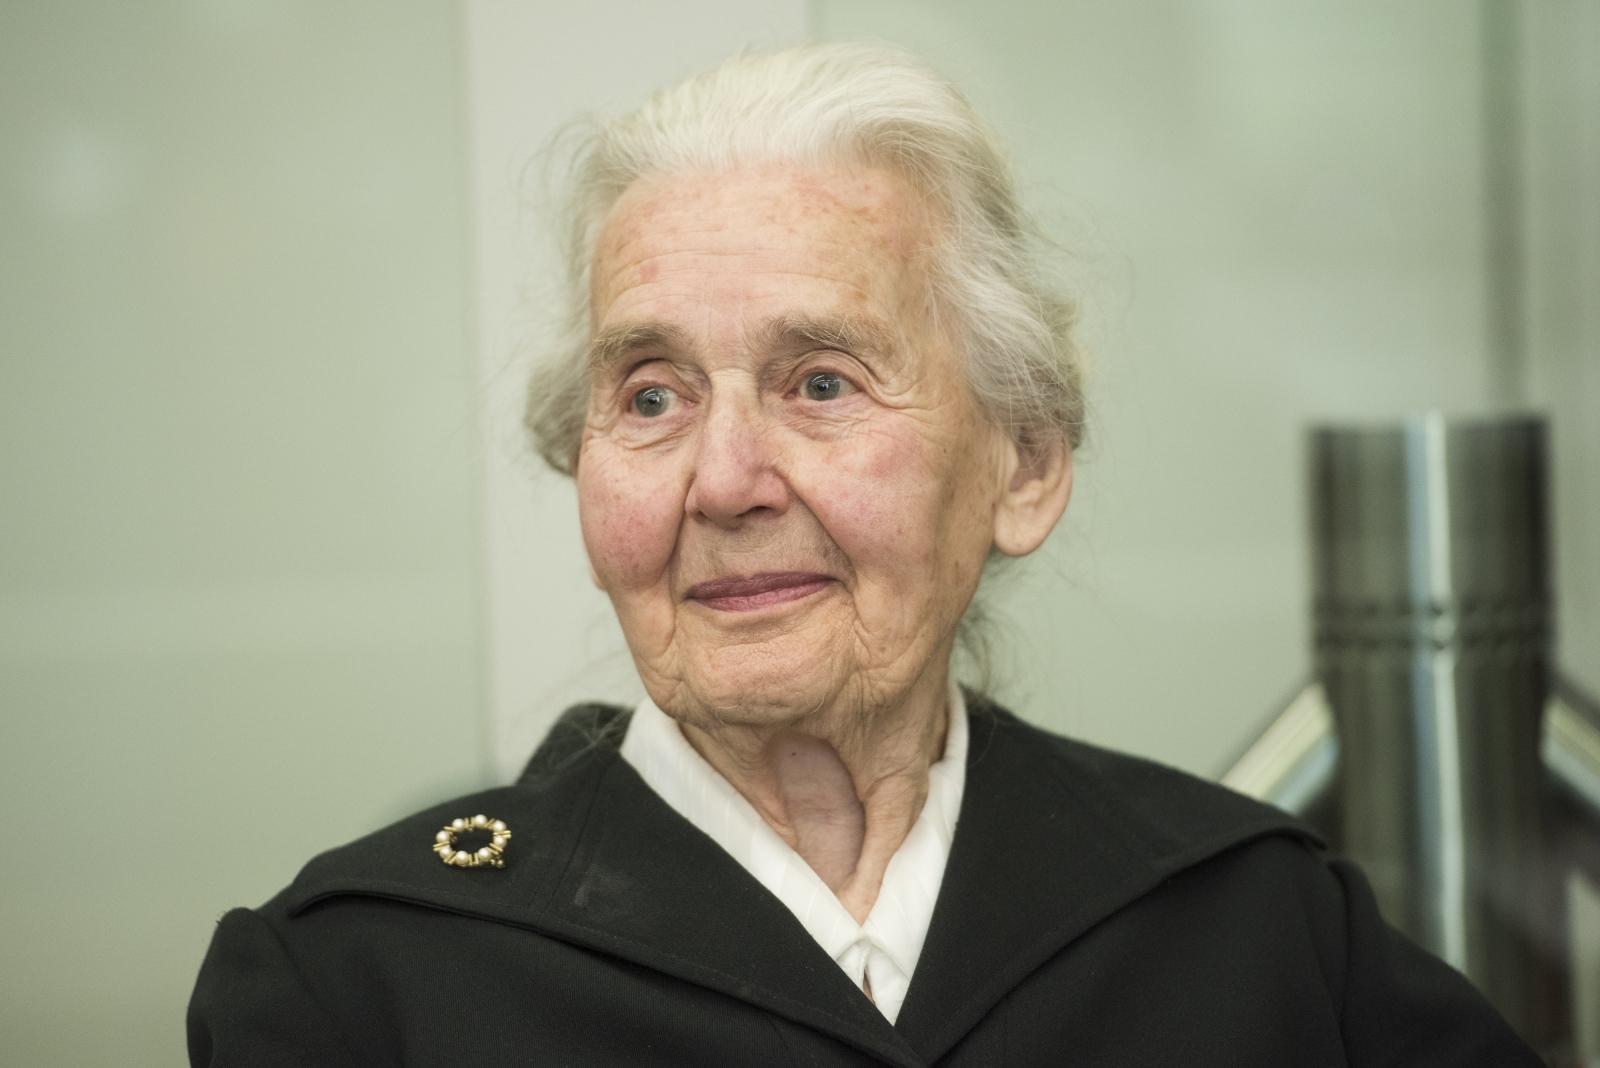 Ursula Haverbeck-Wetzel